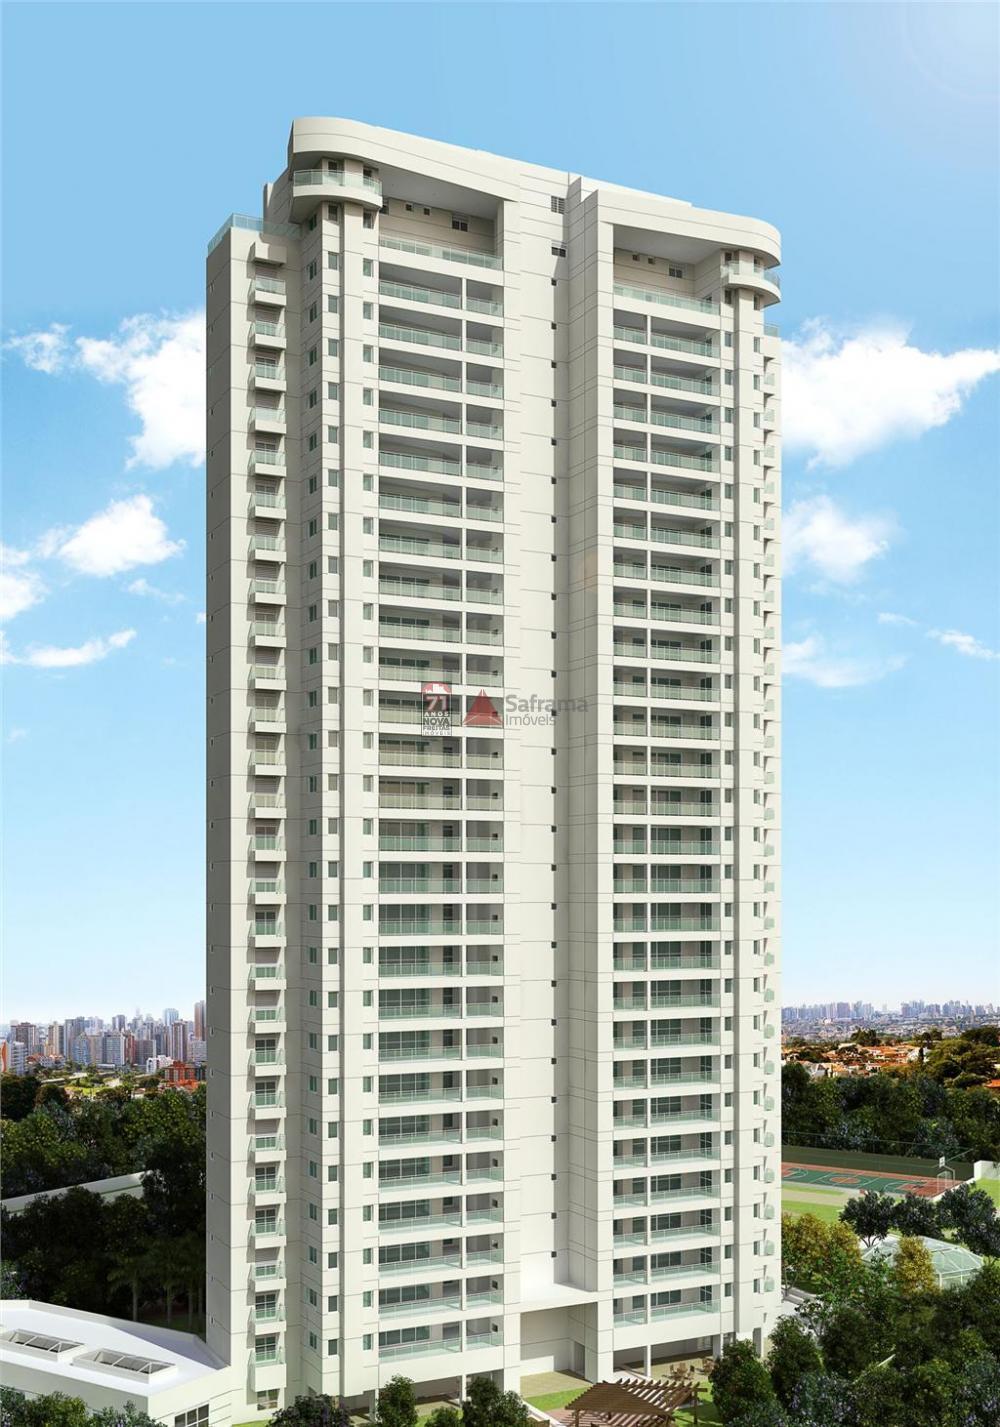 Comprar Apartamento / Padrão em São José dos Campos apenas R$ 1.650.000,00 - Foto 1